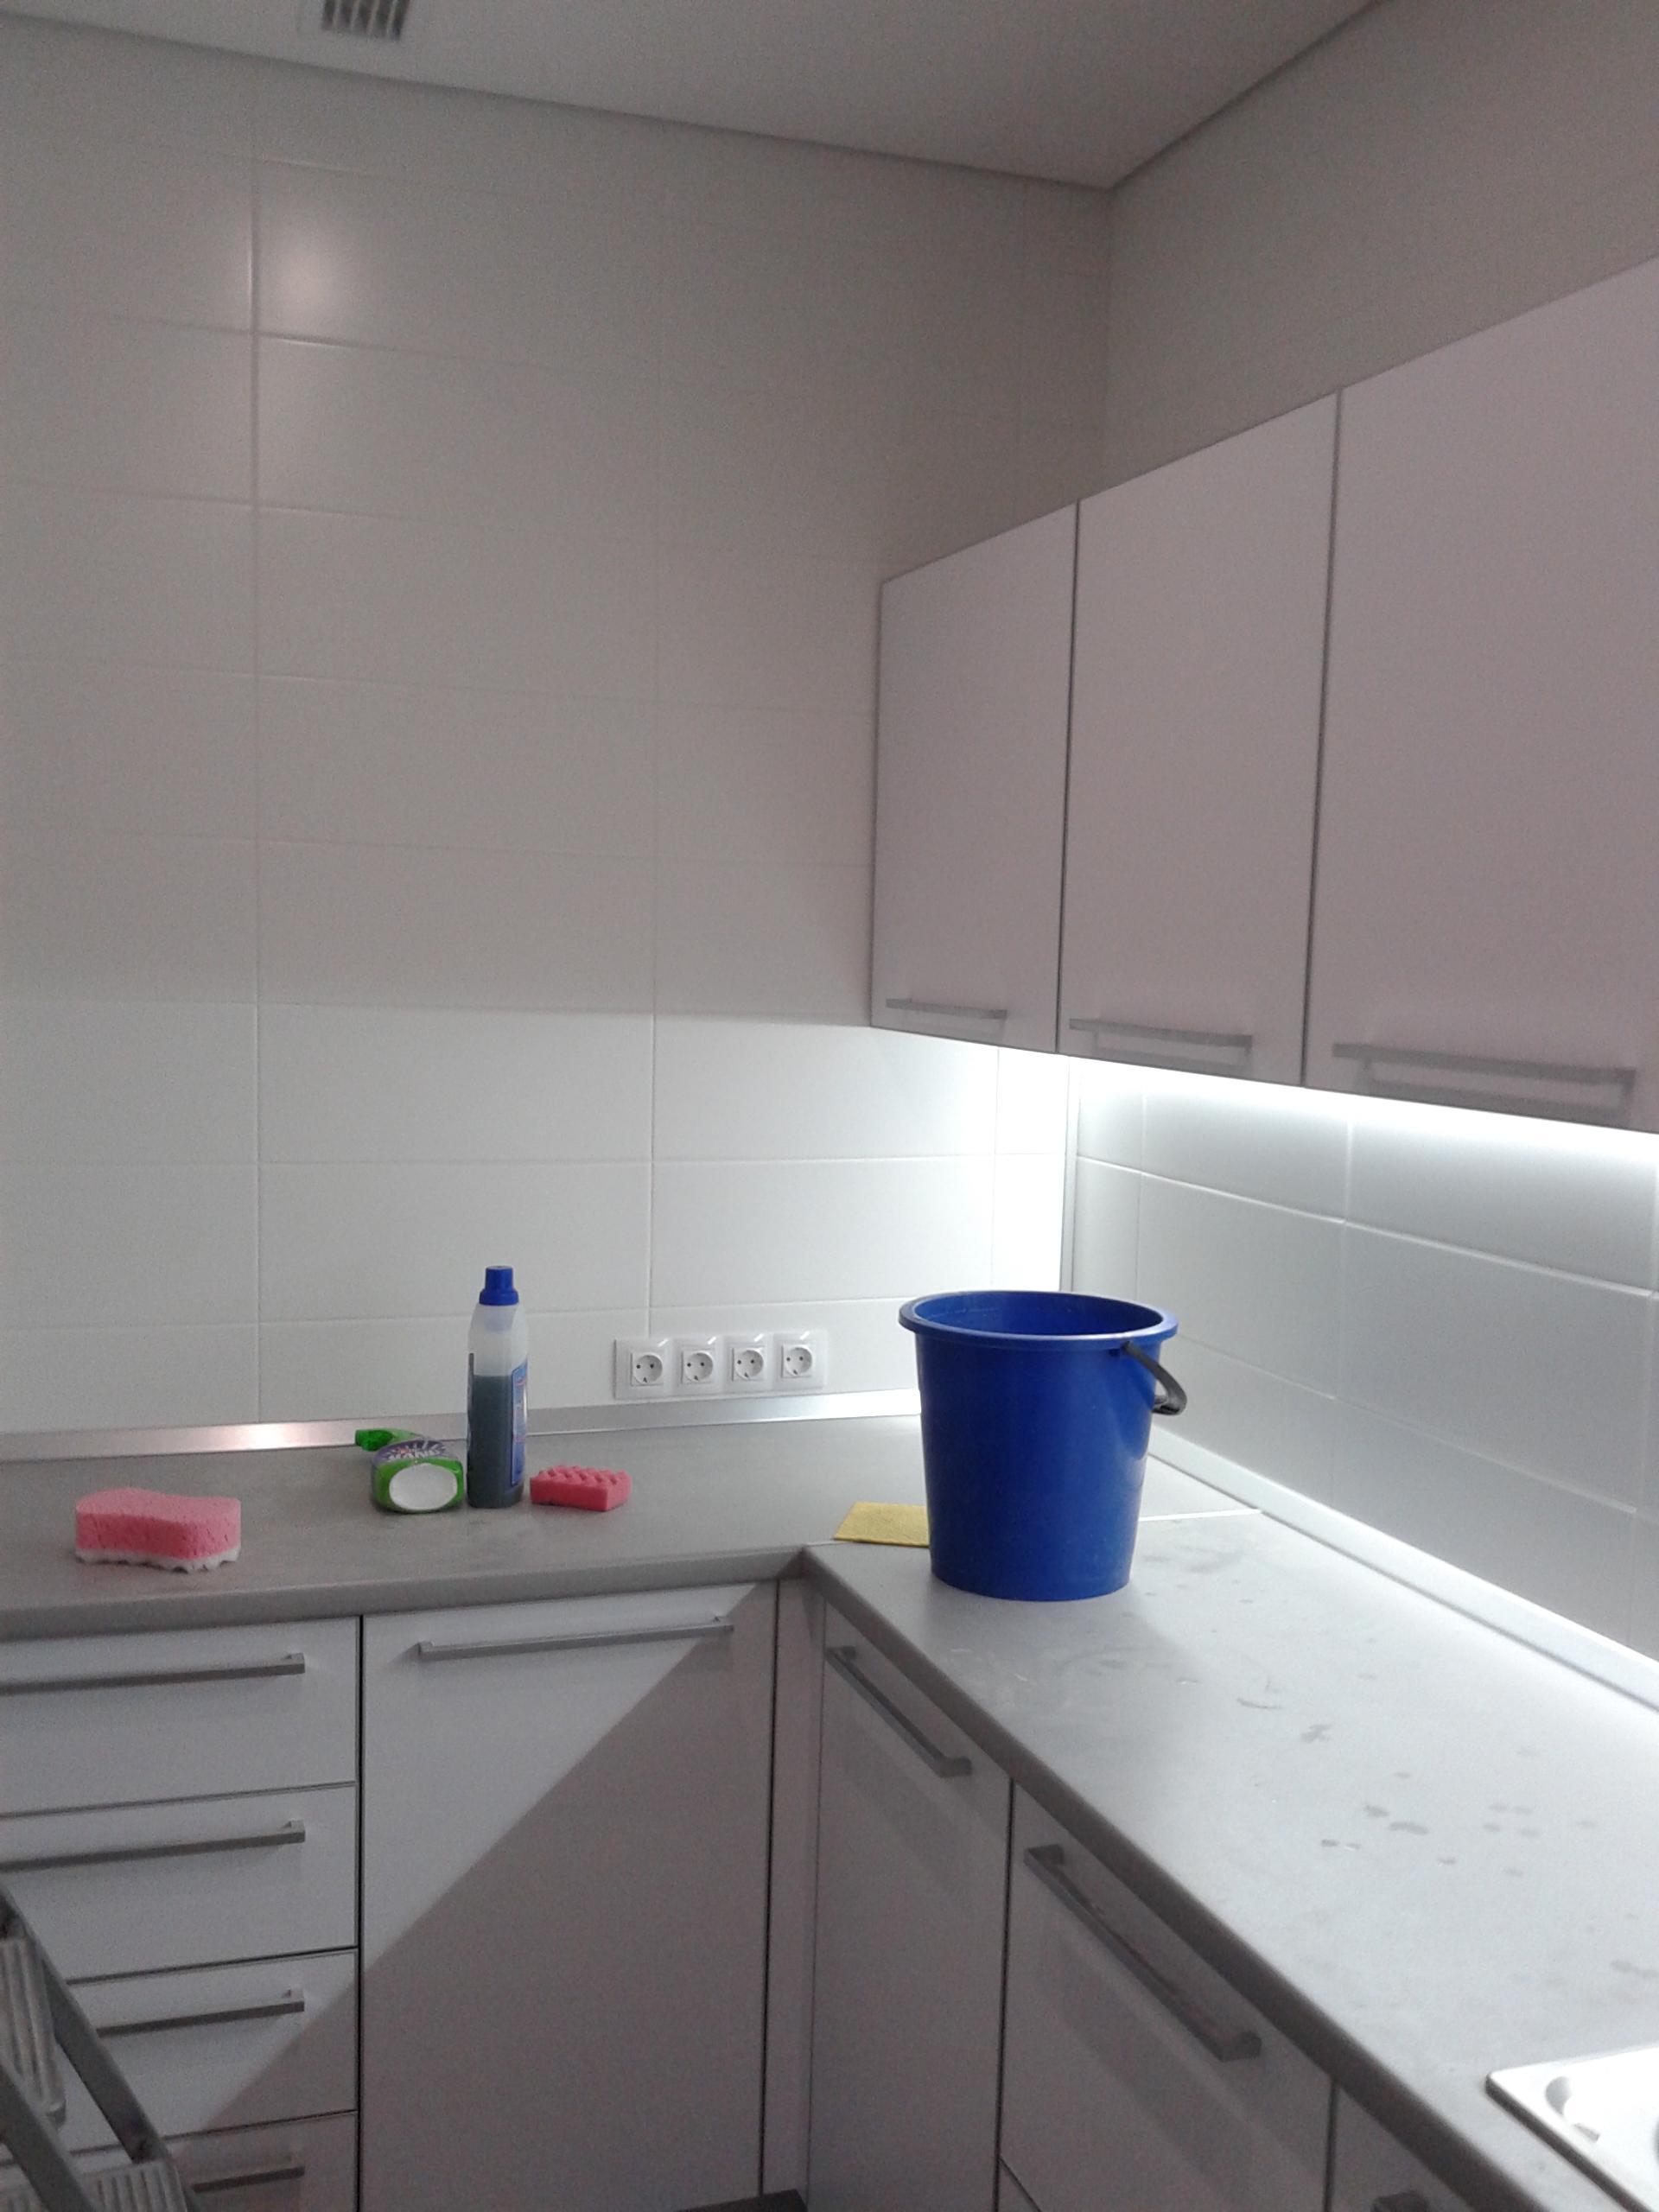 Фото Помыть окна, мебель, кафель на полу и на стенах, сантехника,165 кв.м.